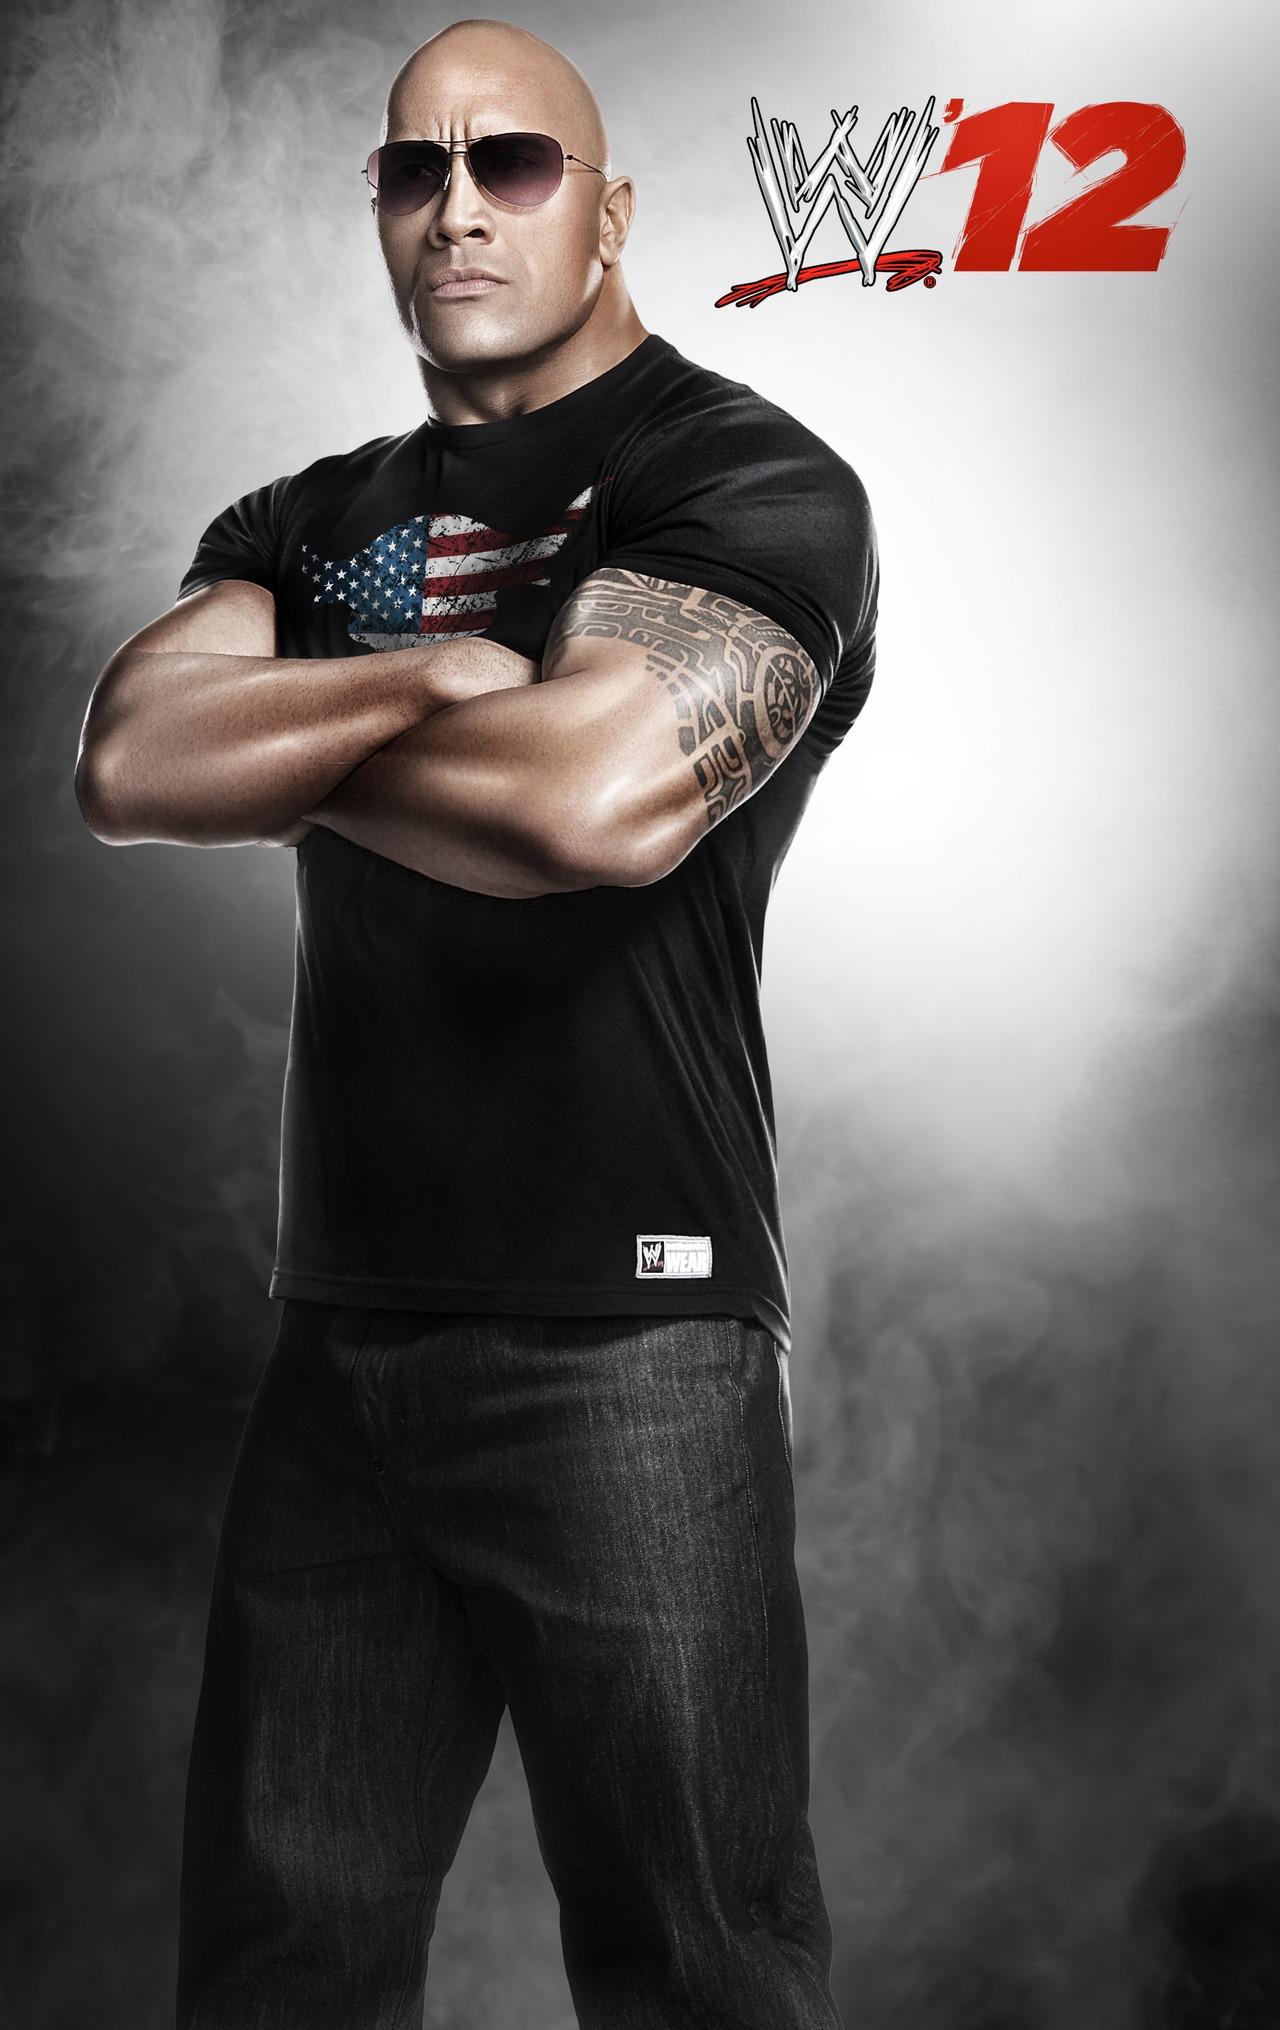 jeuxvideo.com WWE'12 - PlayStation 3 Image 14 sur 281